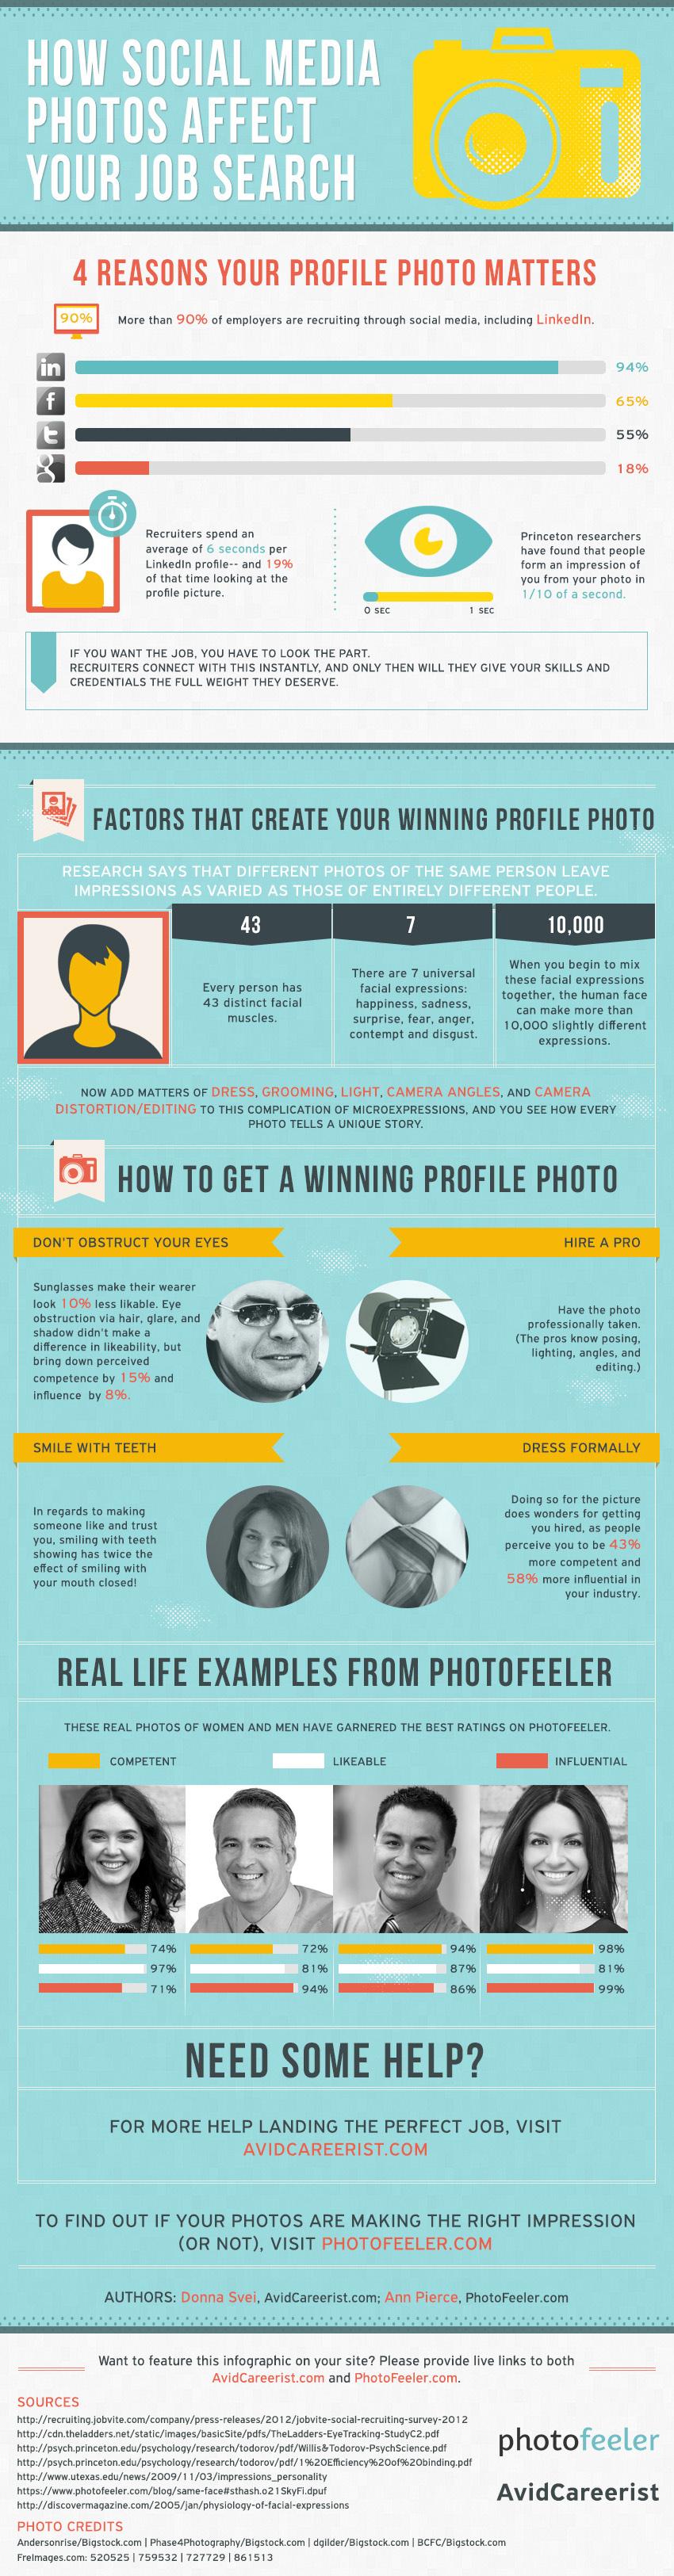 Fotografías en Redes Sociales y la búsqueda de empleo